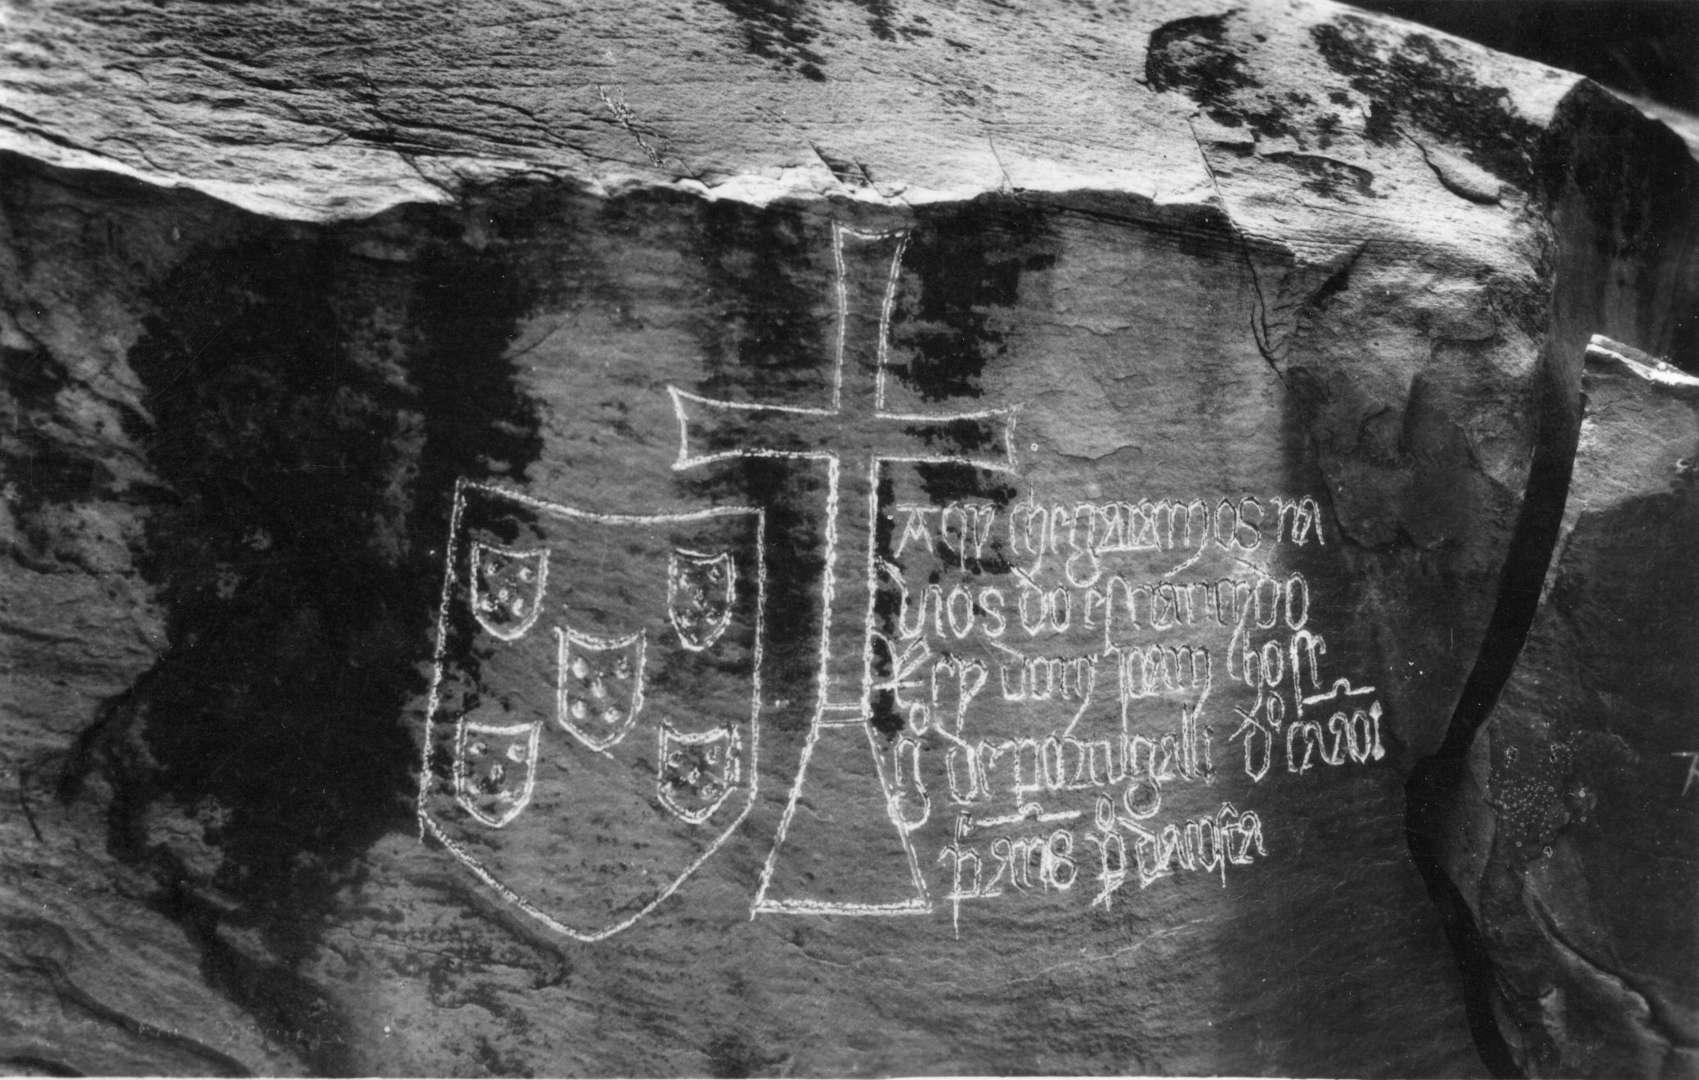 Antigua fotografía de la inscripción de Yellala en blanco y negro mostrando un escudo, una cruz cristiana y nombres de exploradores portugueses.